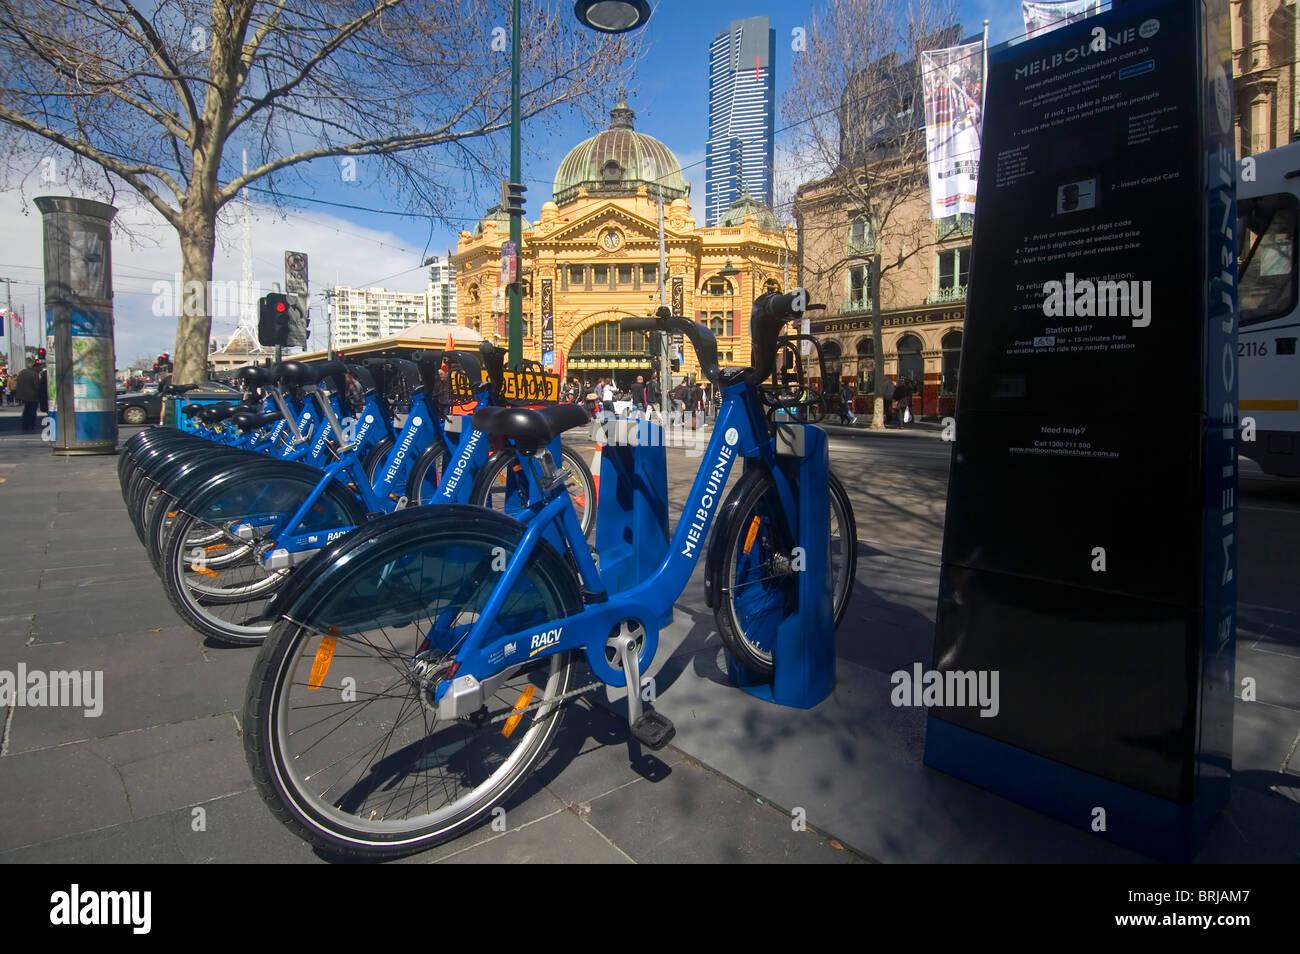 Bikers online dating in Melbourne